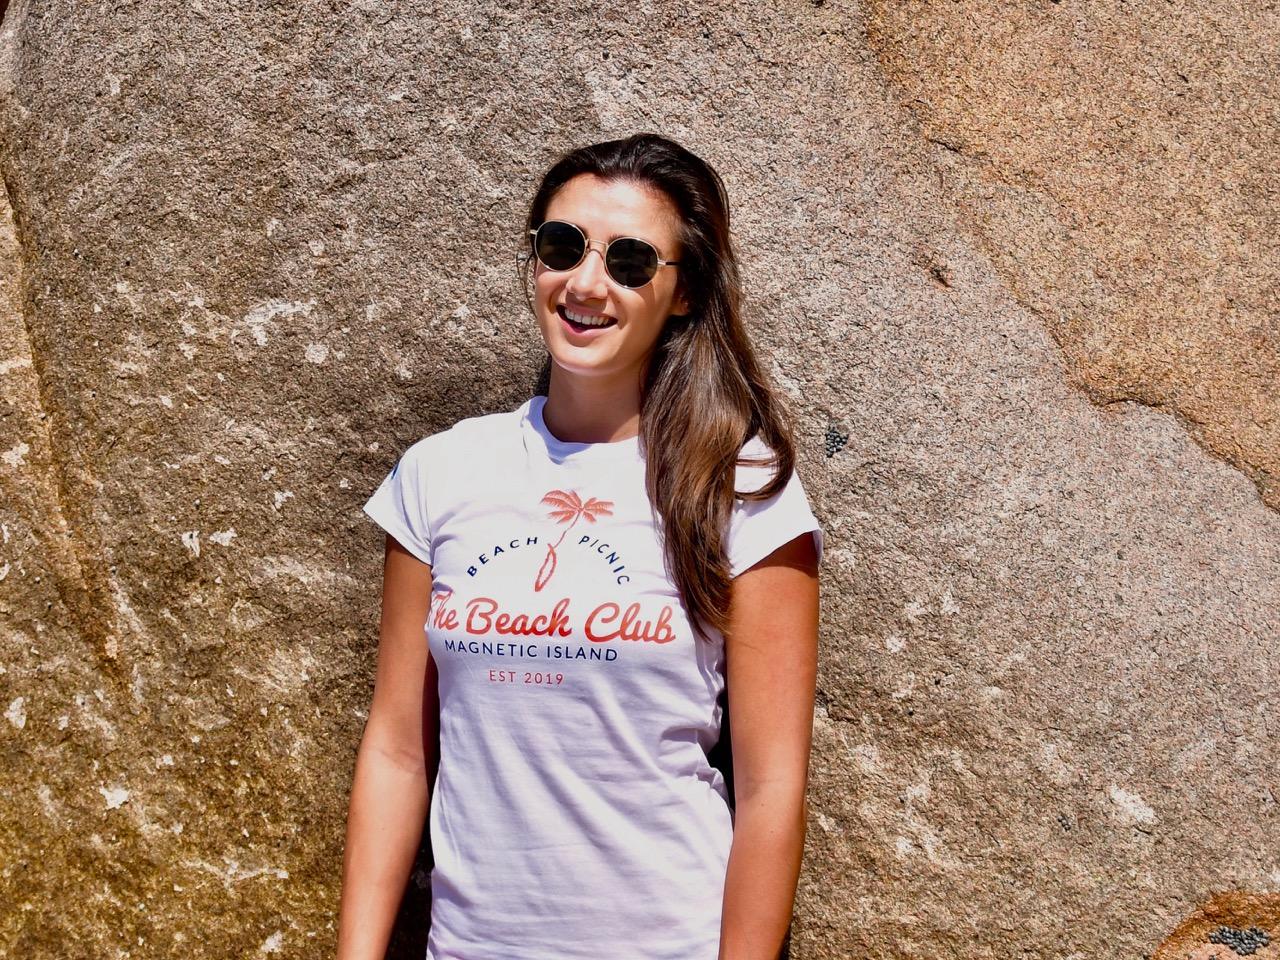 The Beach Club T-Shirts